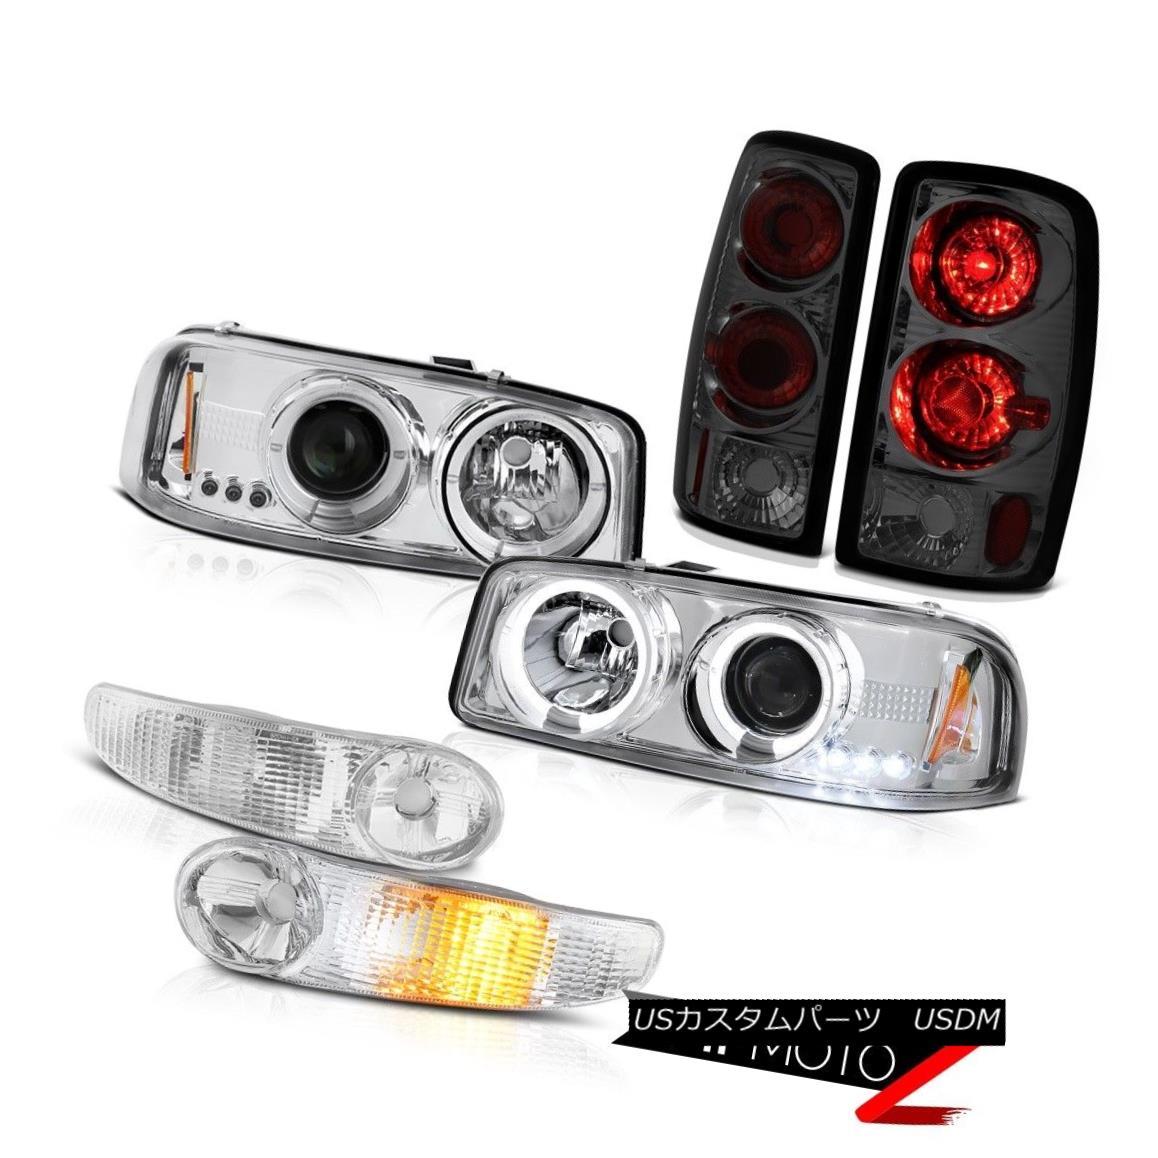 高質で安価 テールライト Angel Eye Halo Headlights Euro Signal Smoke Taillights 00-06 GMC Yukon XL Denali エンジェルアイヘイローヘッドライトユーロシグナルスモークテイルライト00-06 GMCユーコンXLデナリ, 松之山町 292864d6